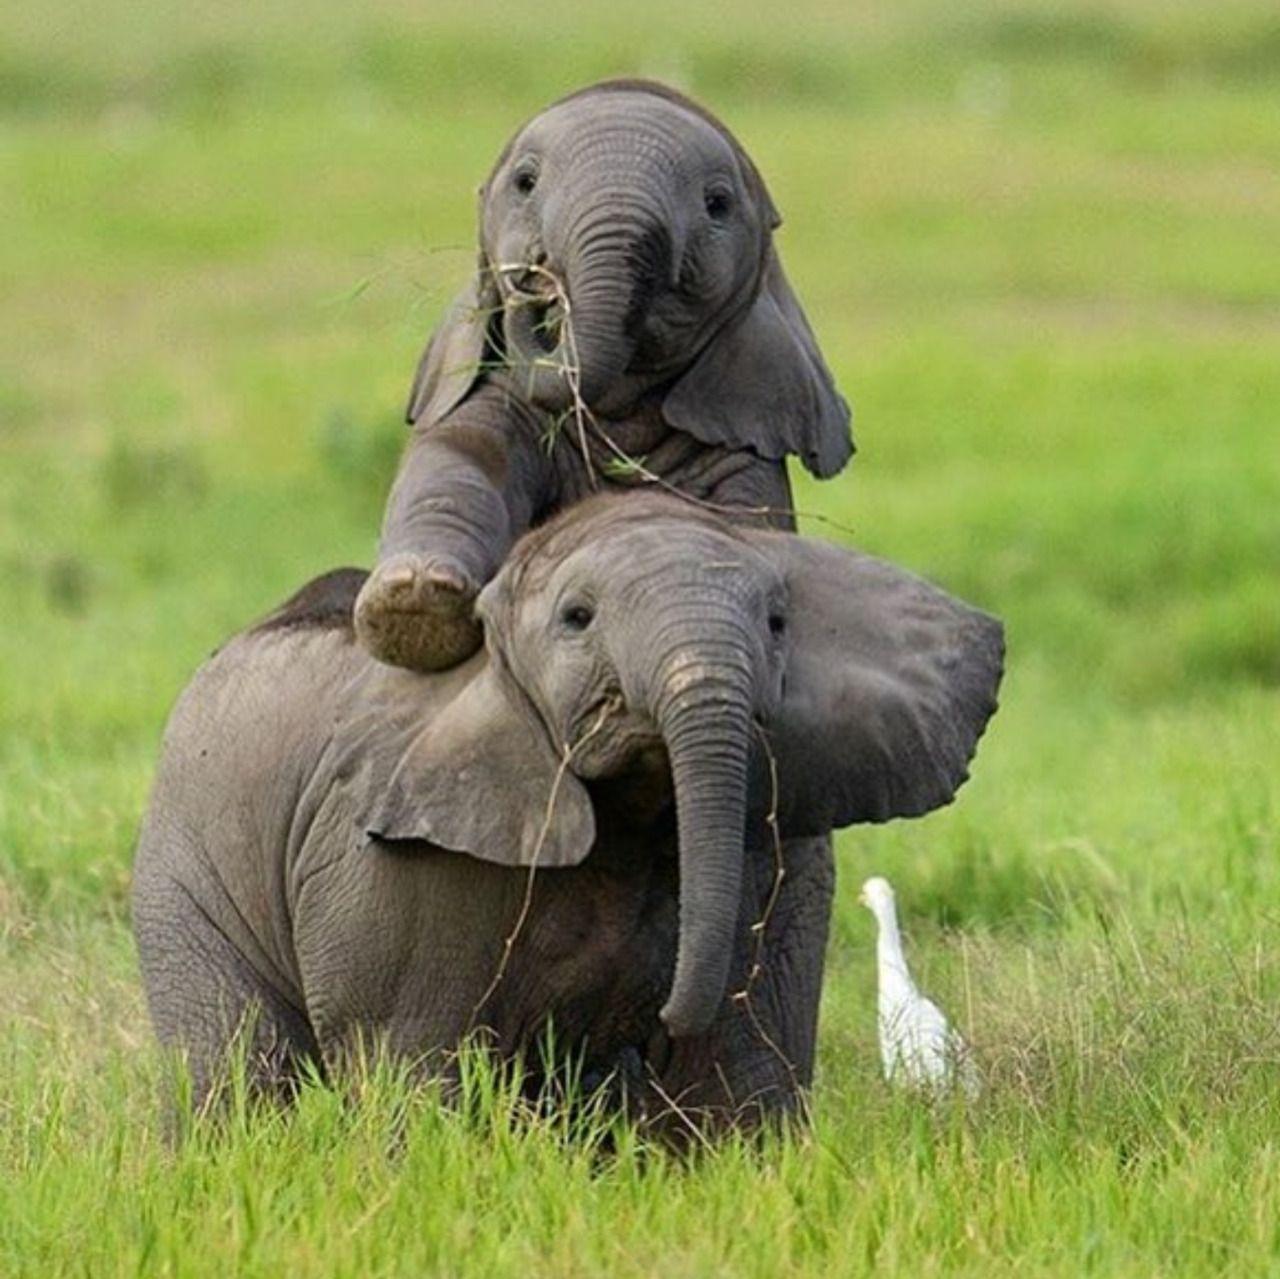 Доброго, картинки смешные со слонами